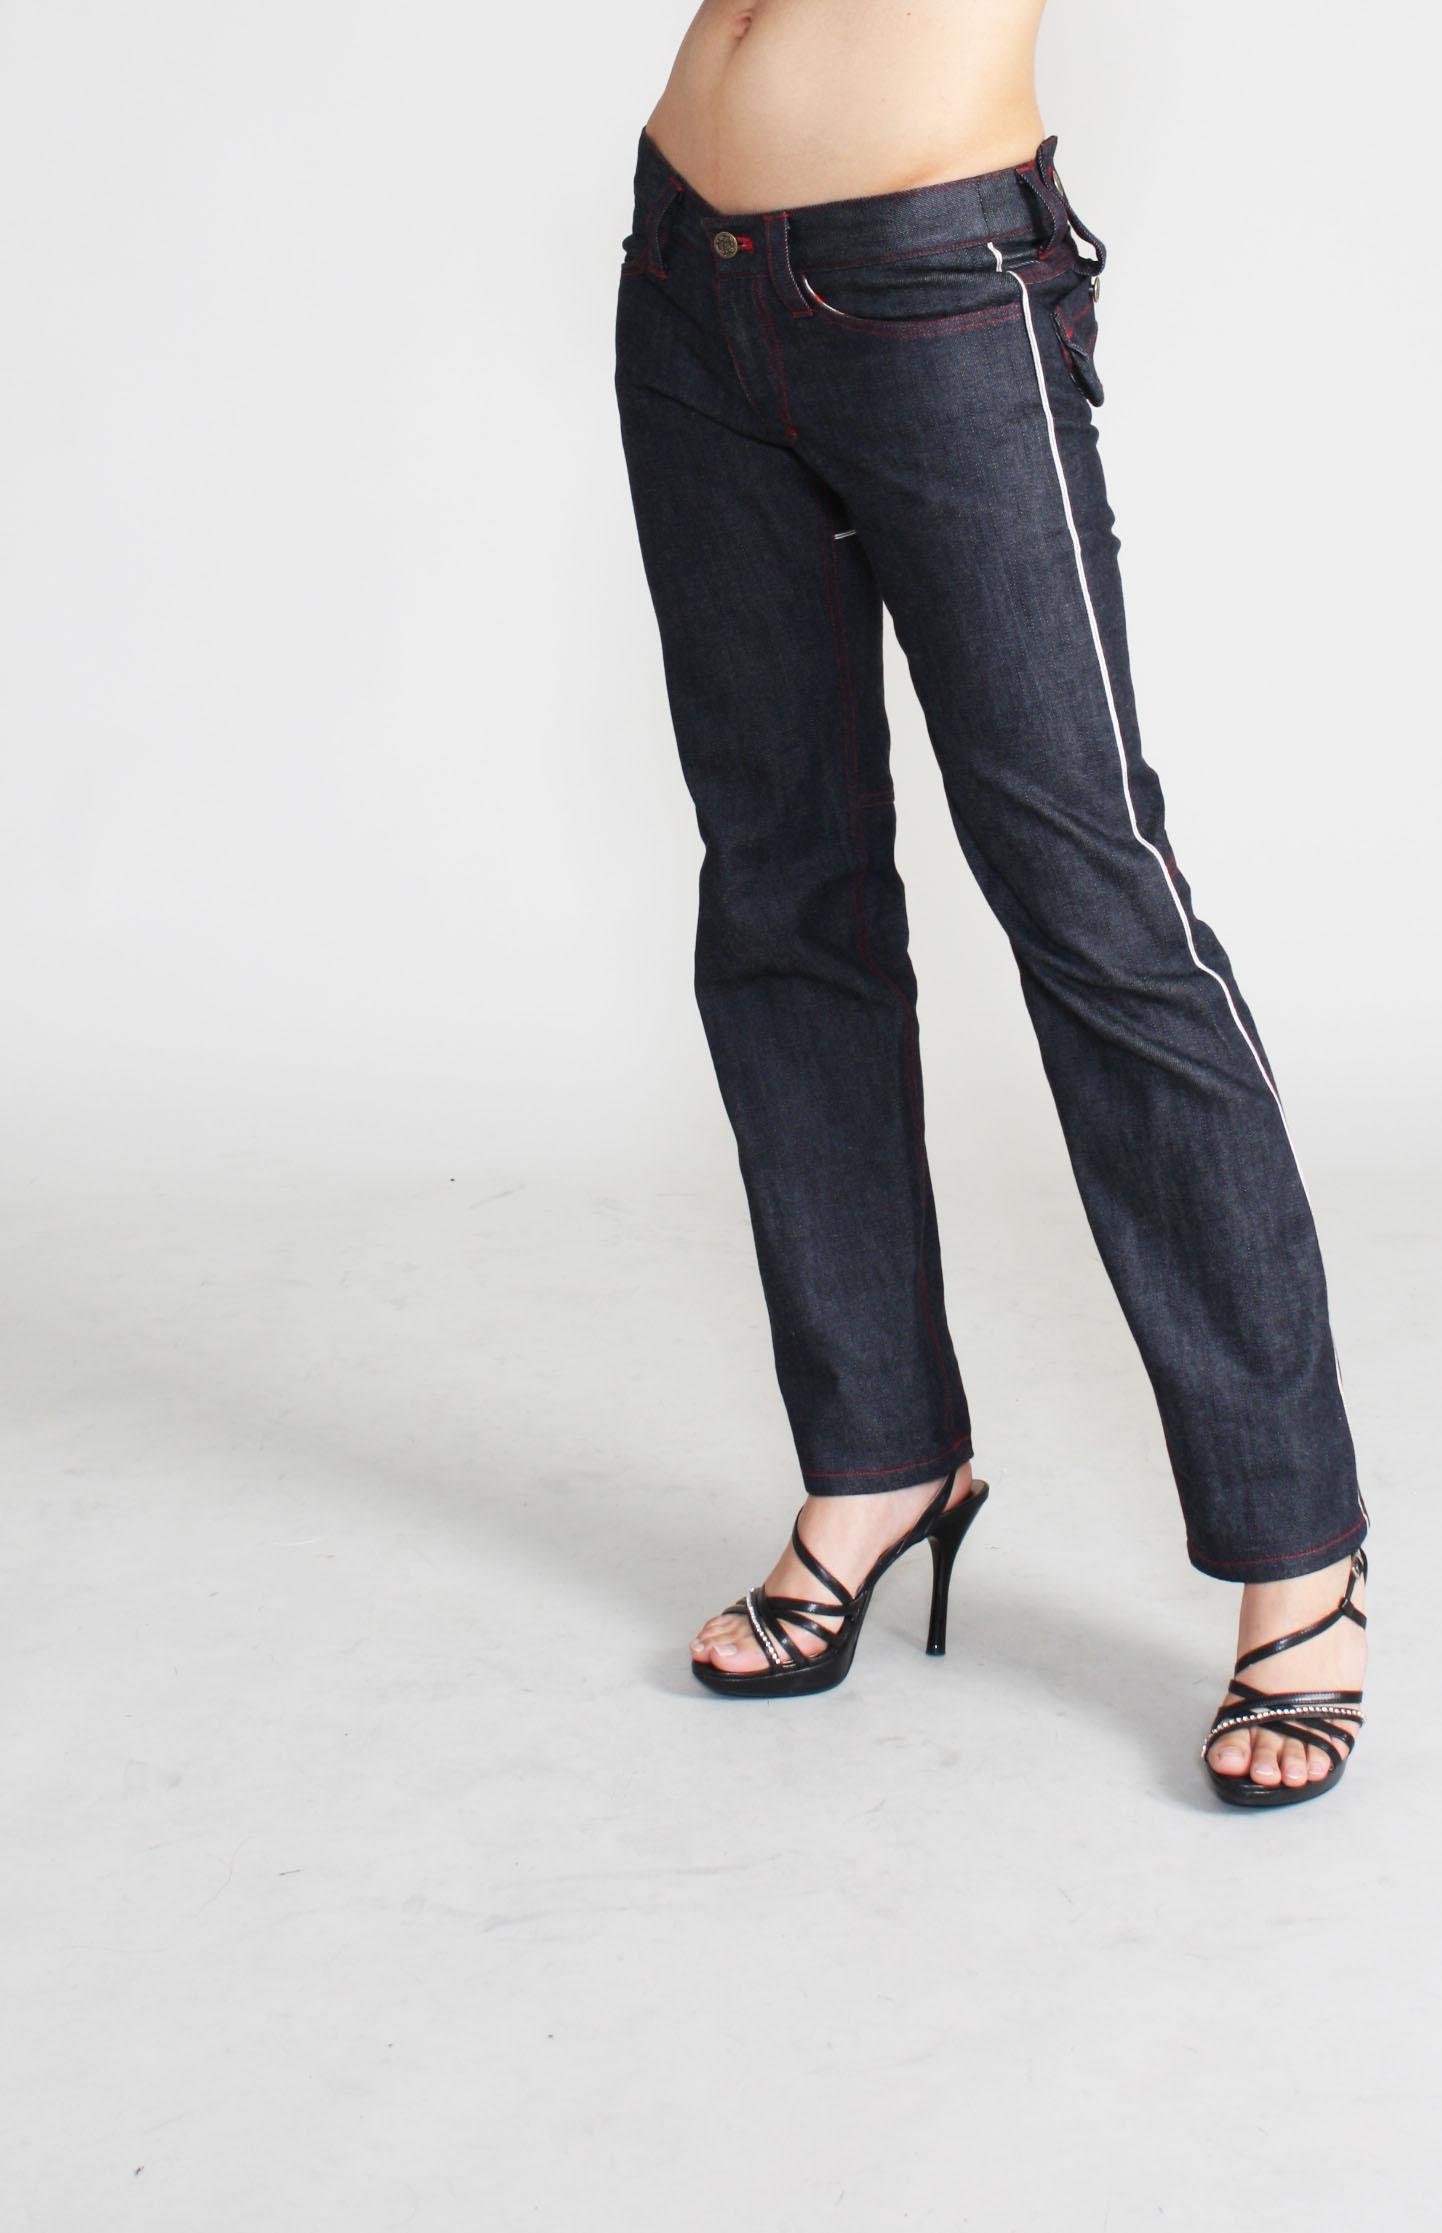 立体裁断で作ったシルエットは、足に沿ってカーブします。